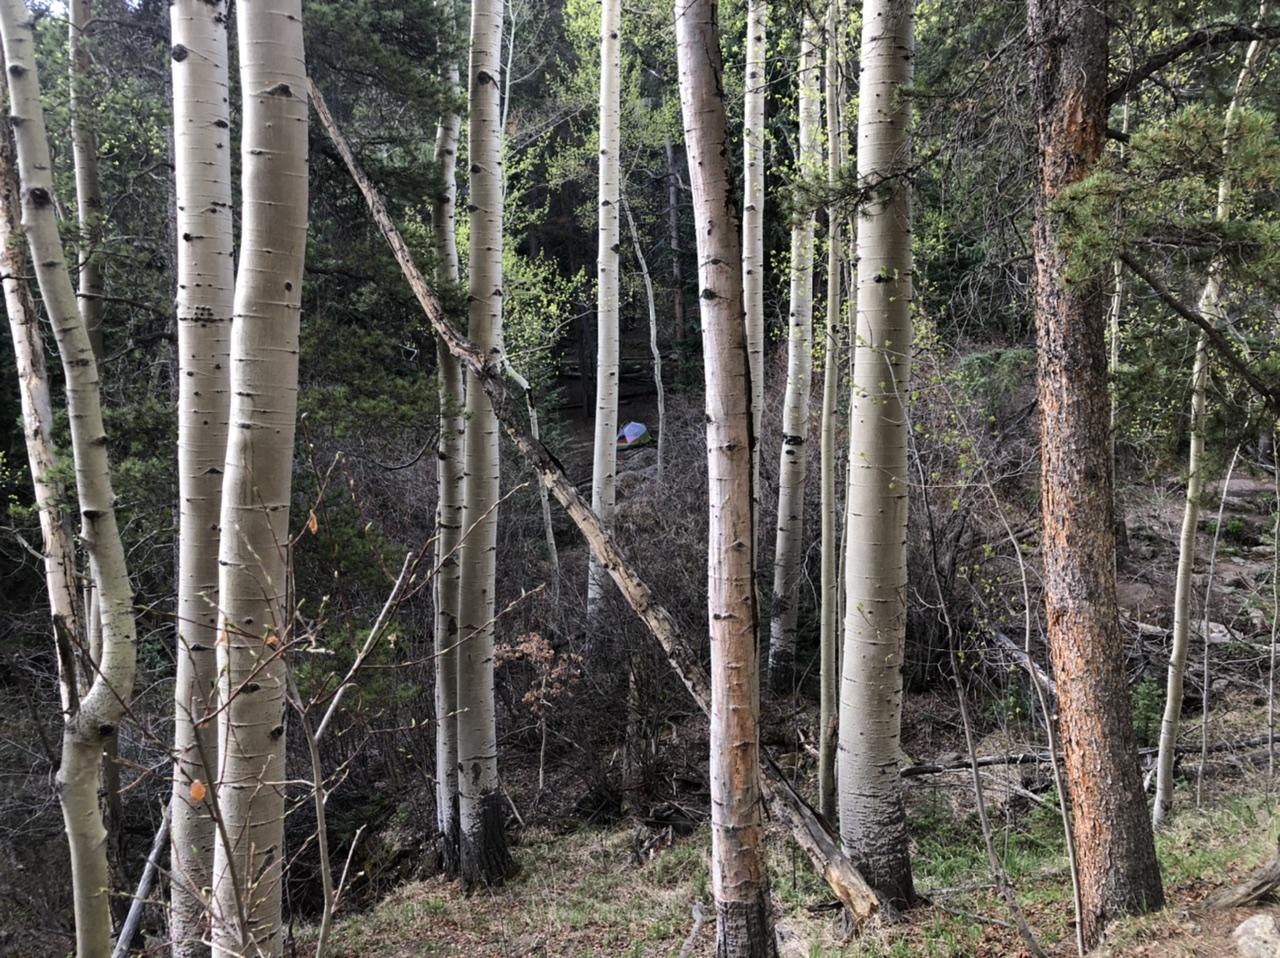 Campsite through the trees